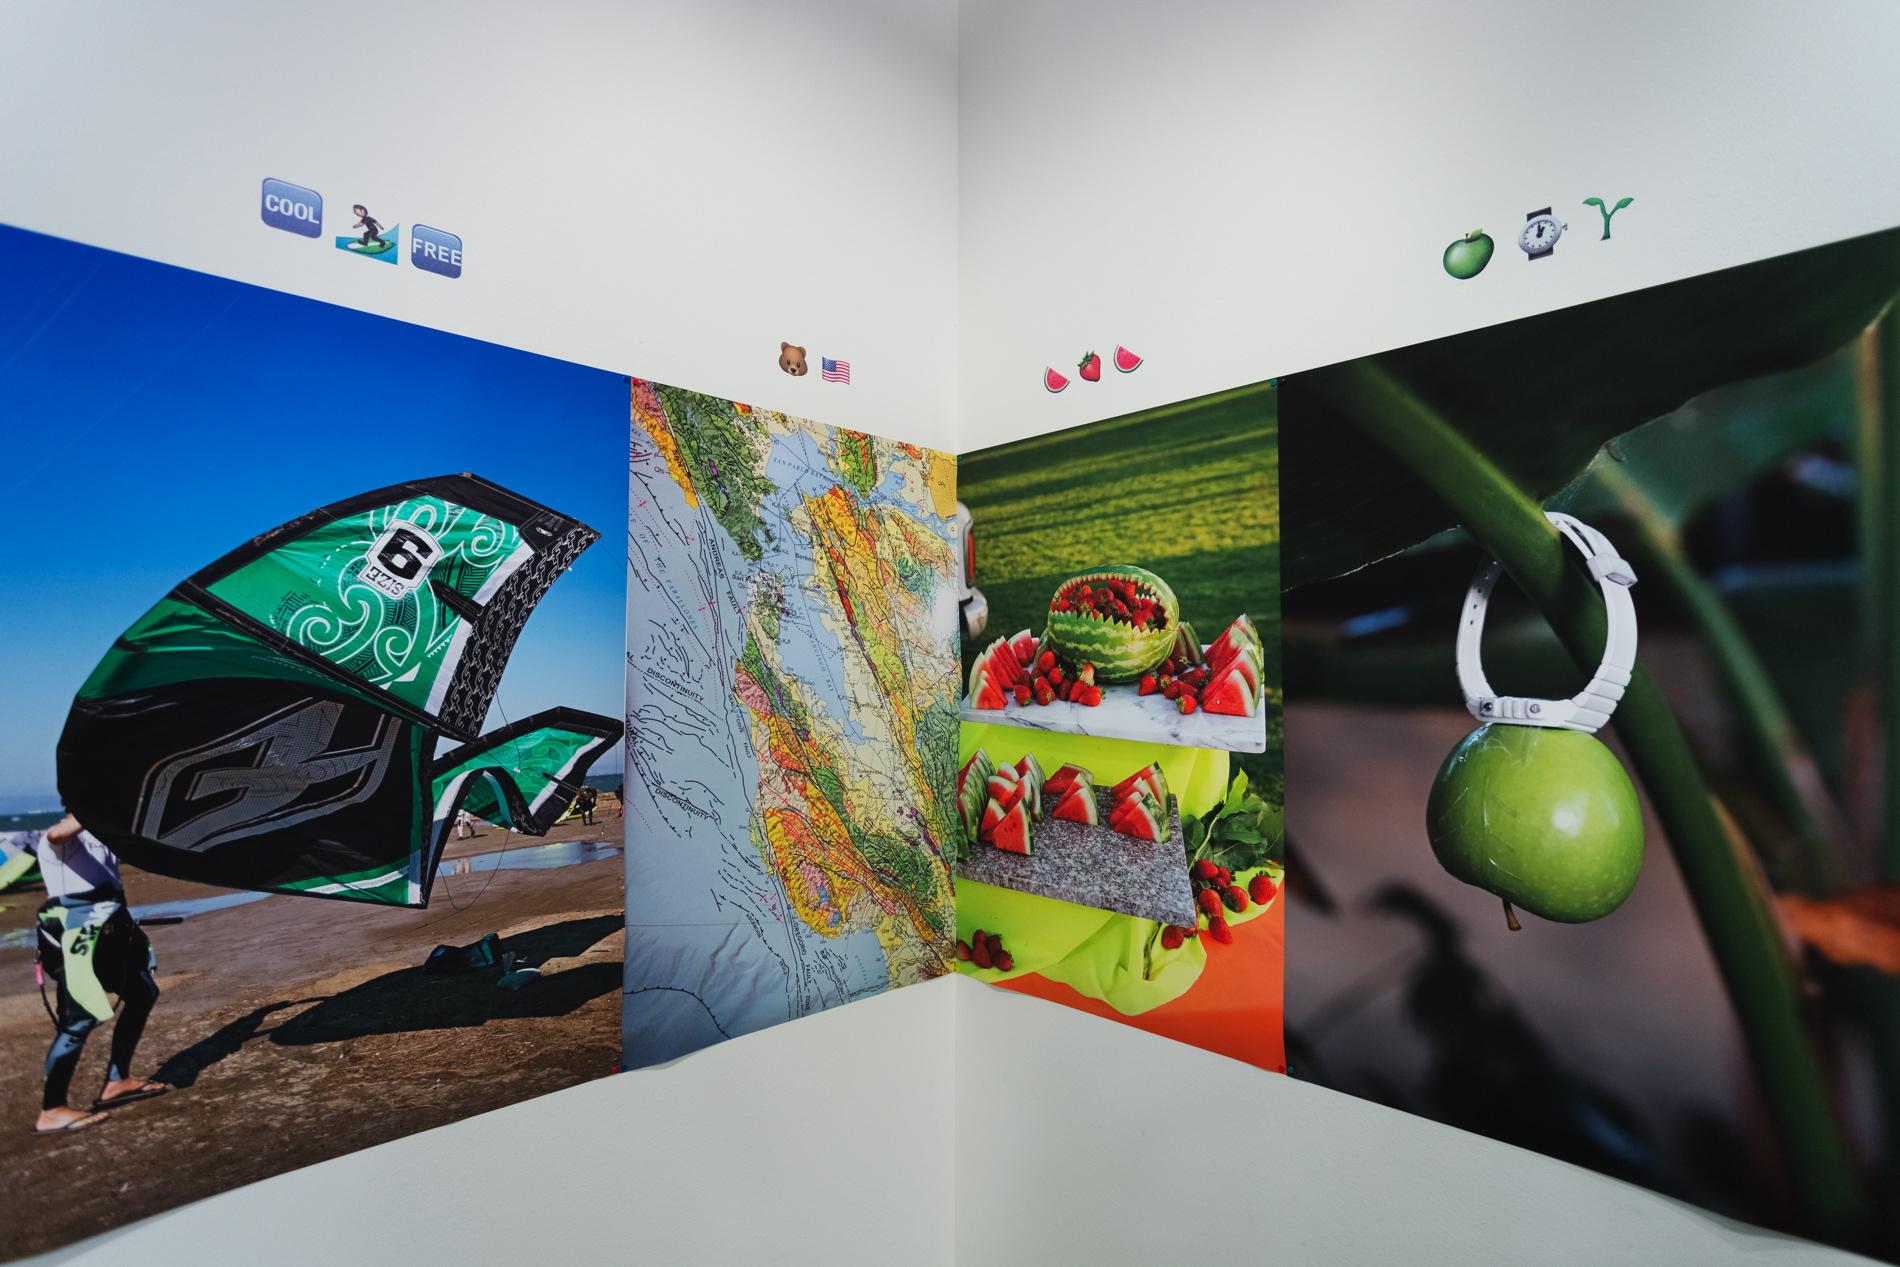 bmw paris photo la images 11